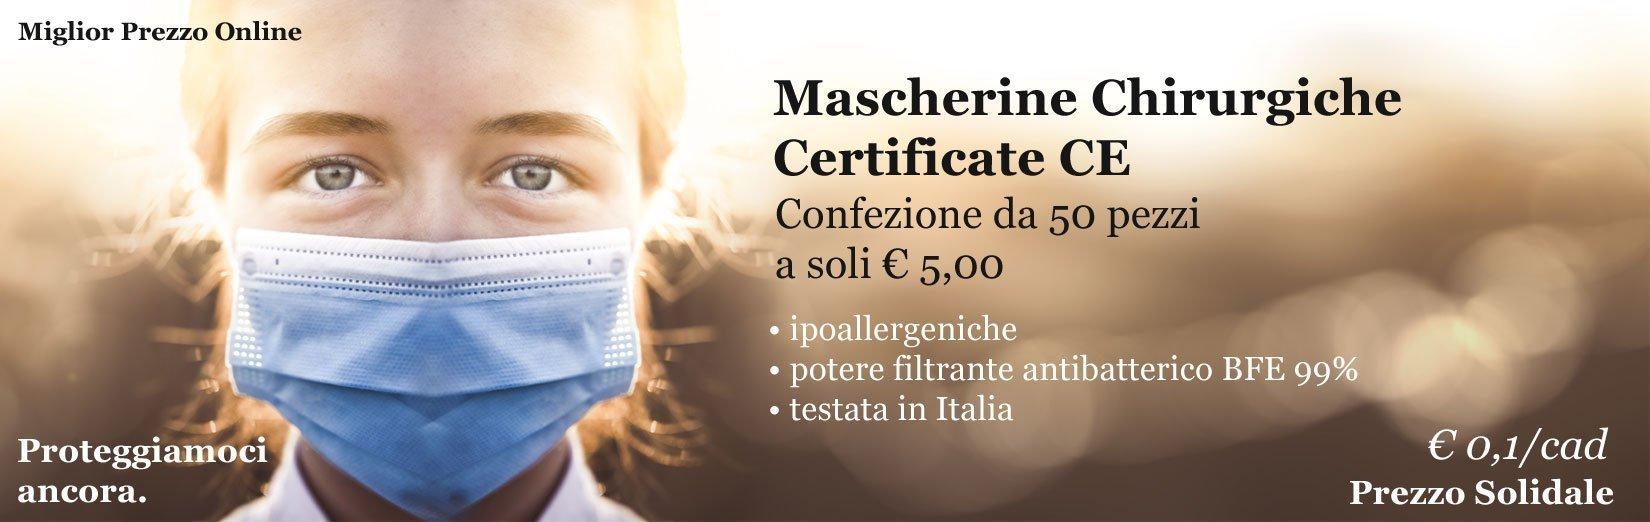 Mascherine chirurgiche certificate CE a 0,1 € al pezzo